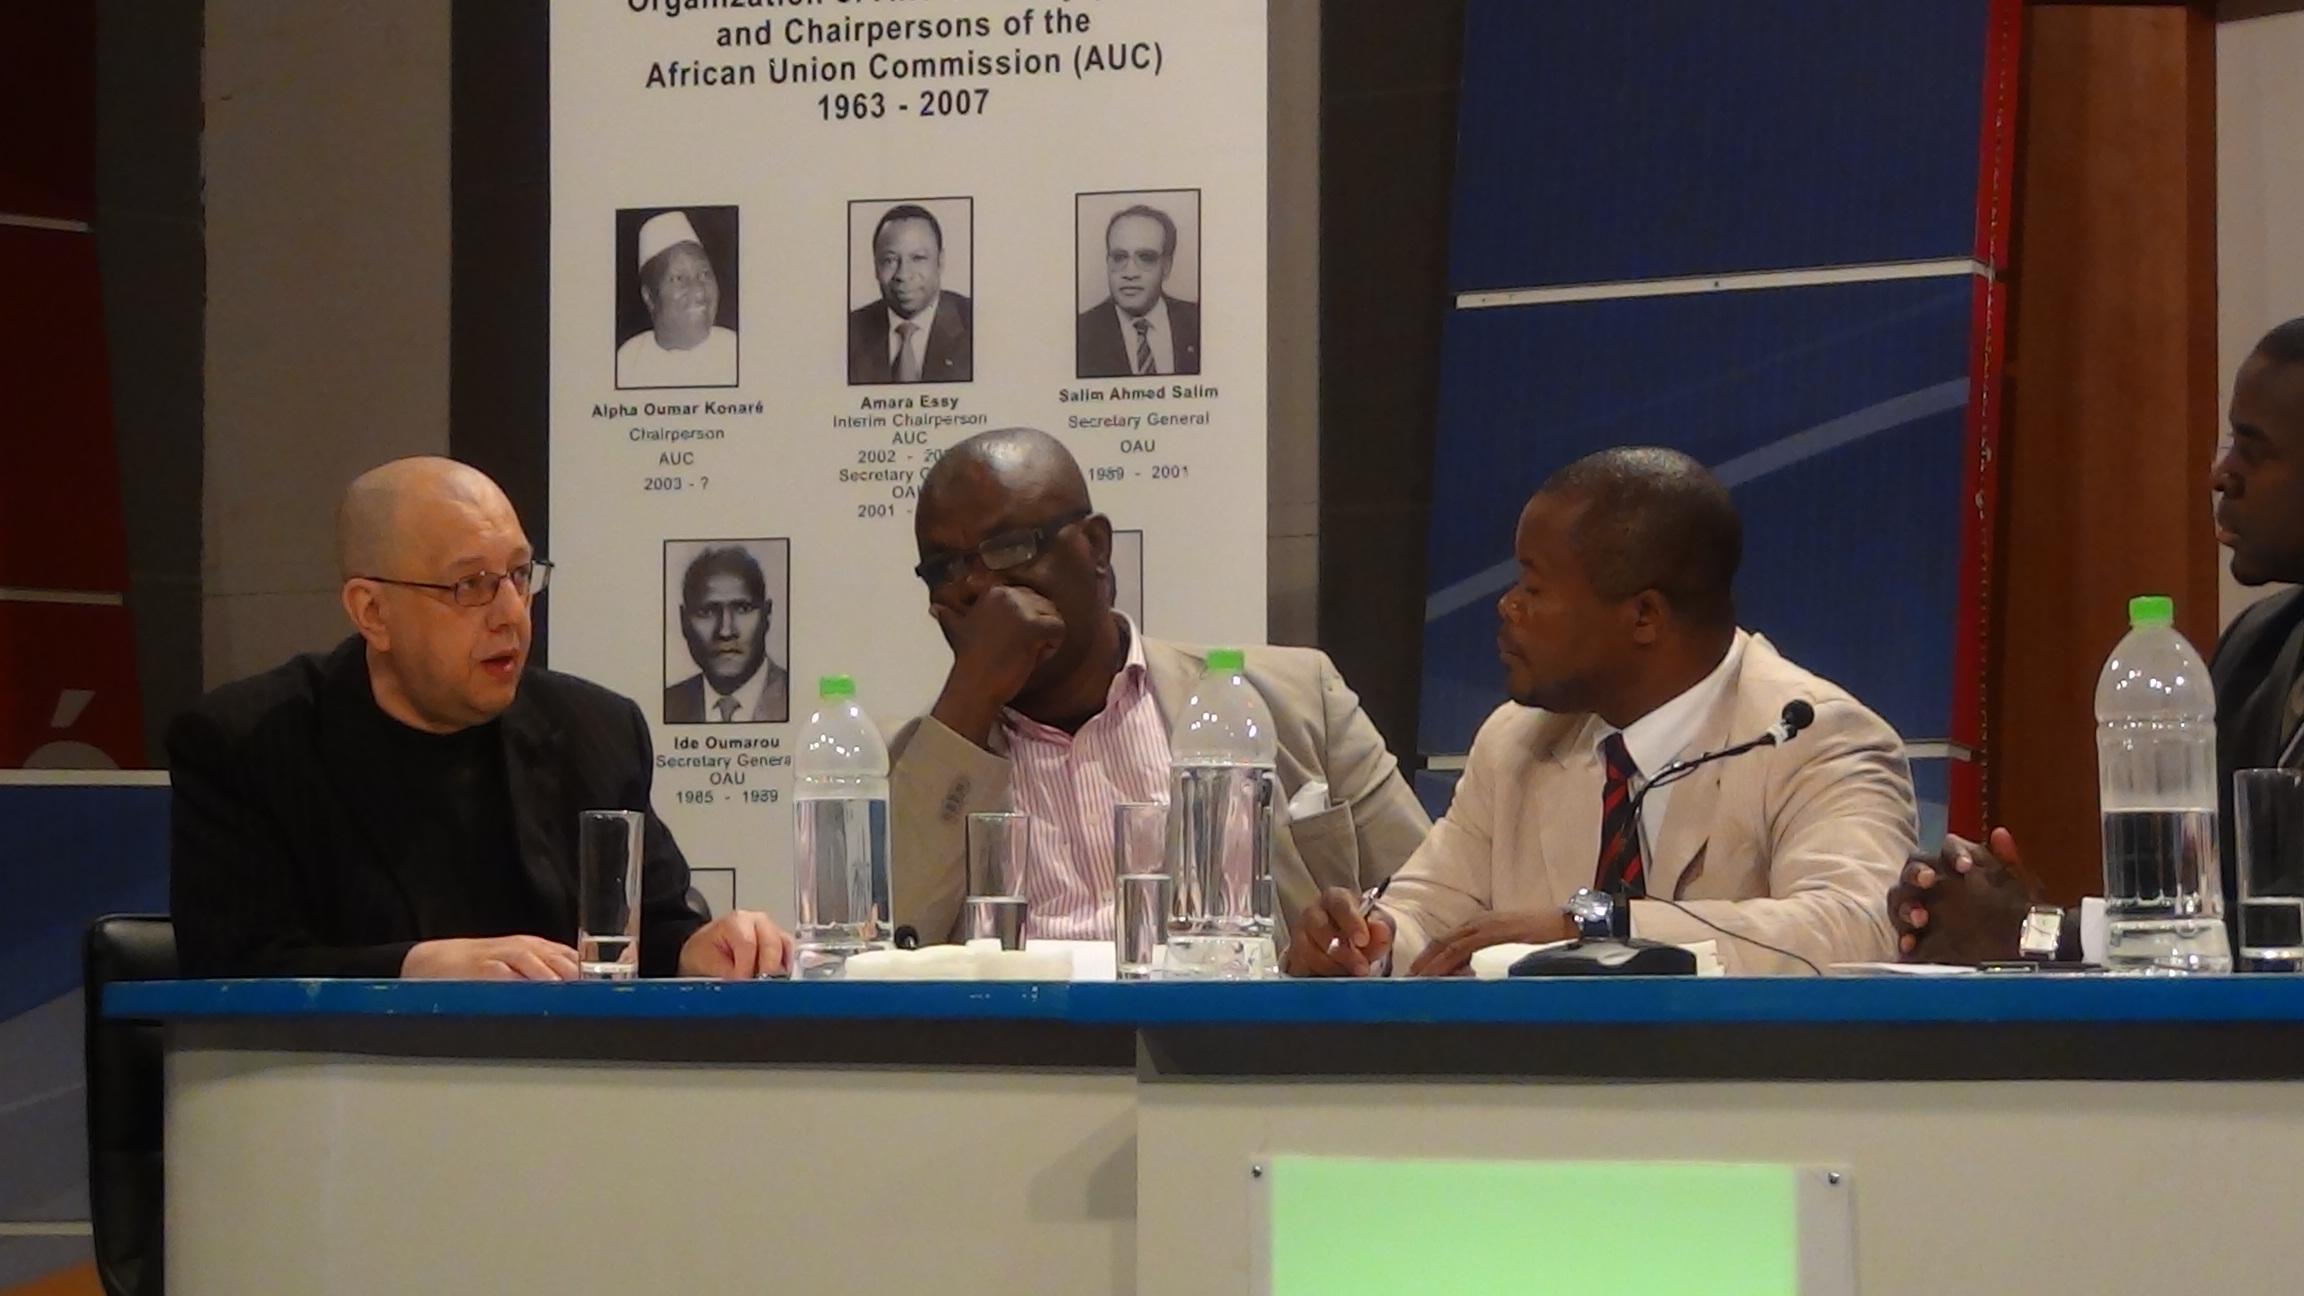 EODE-TV - LM sur RTVGE 1 - l'afrique ds la géopol. mondiale (2014 06 24) FR 1